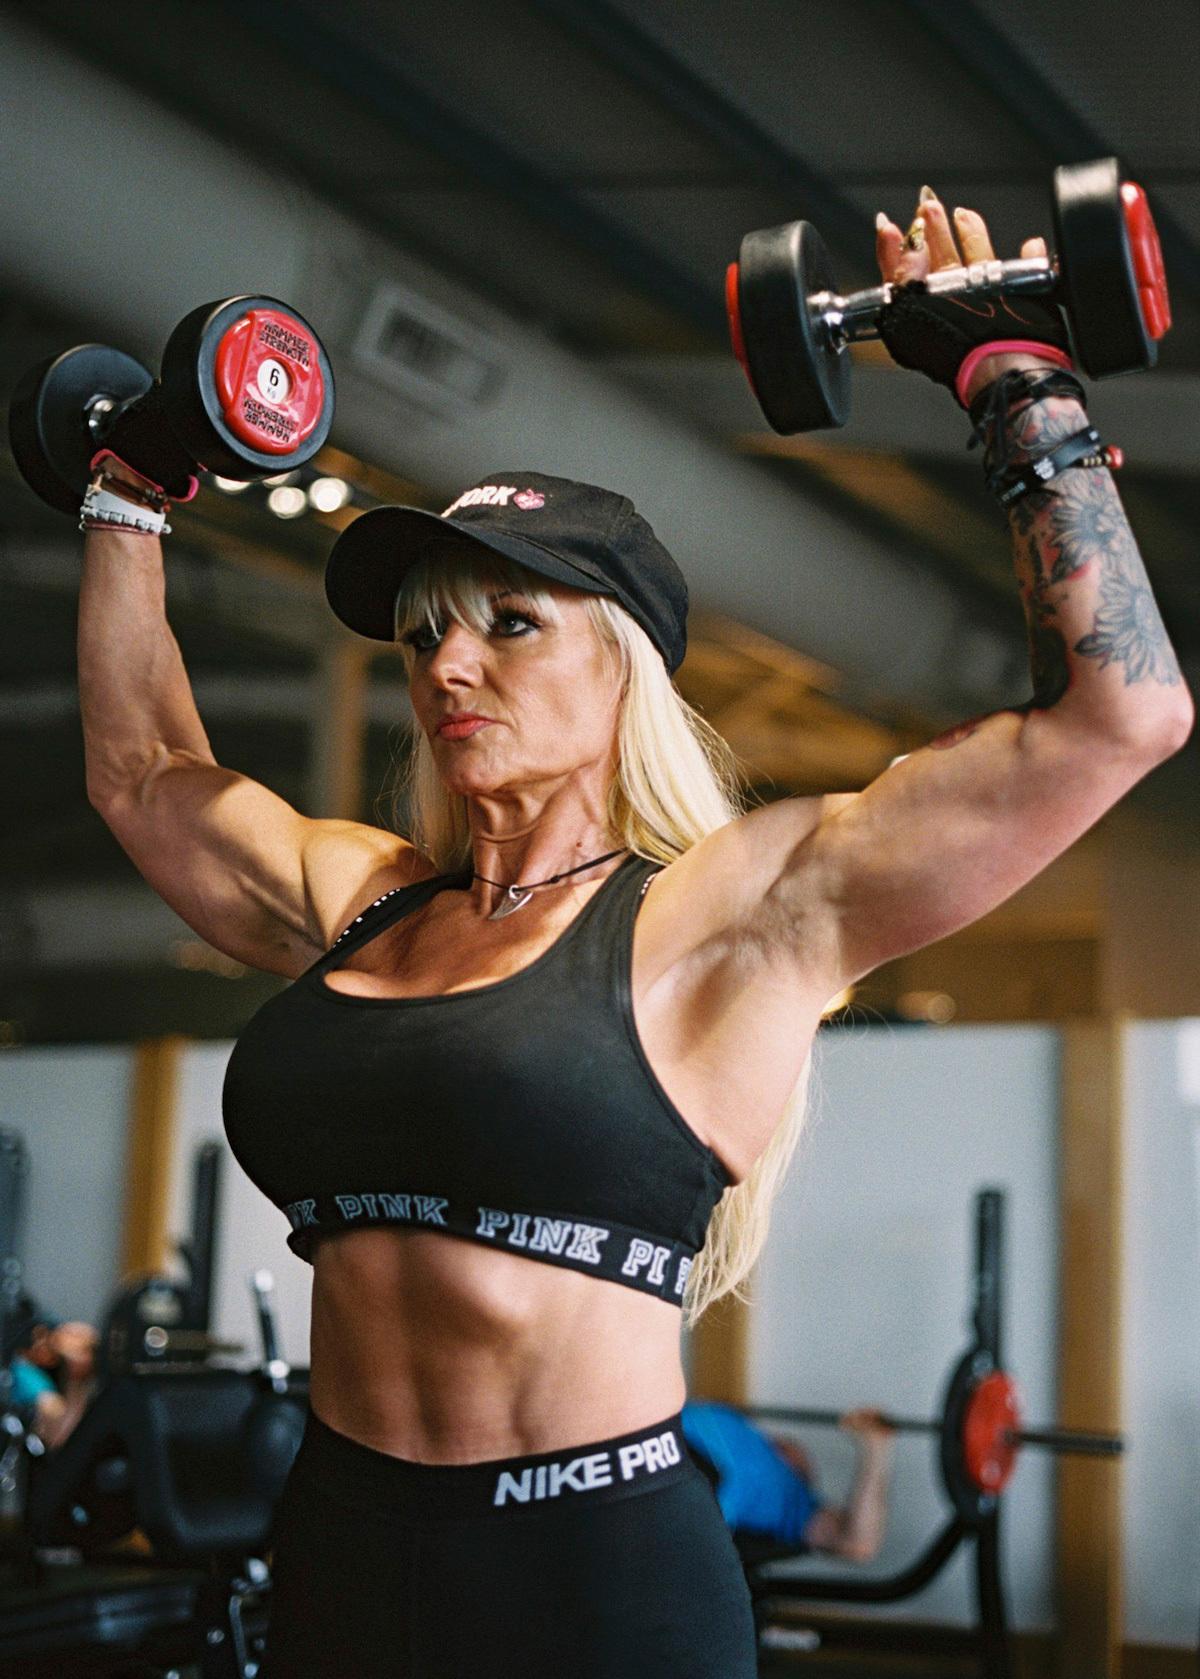 bodybuilding creatine Cheet Sheet